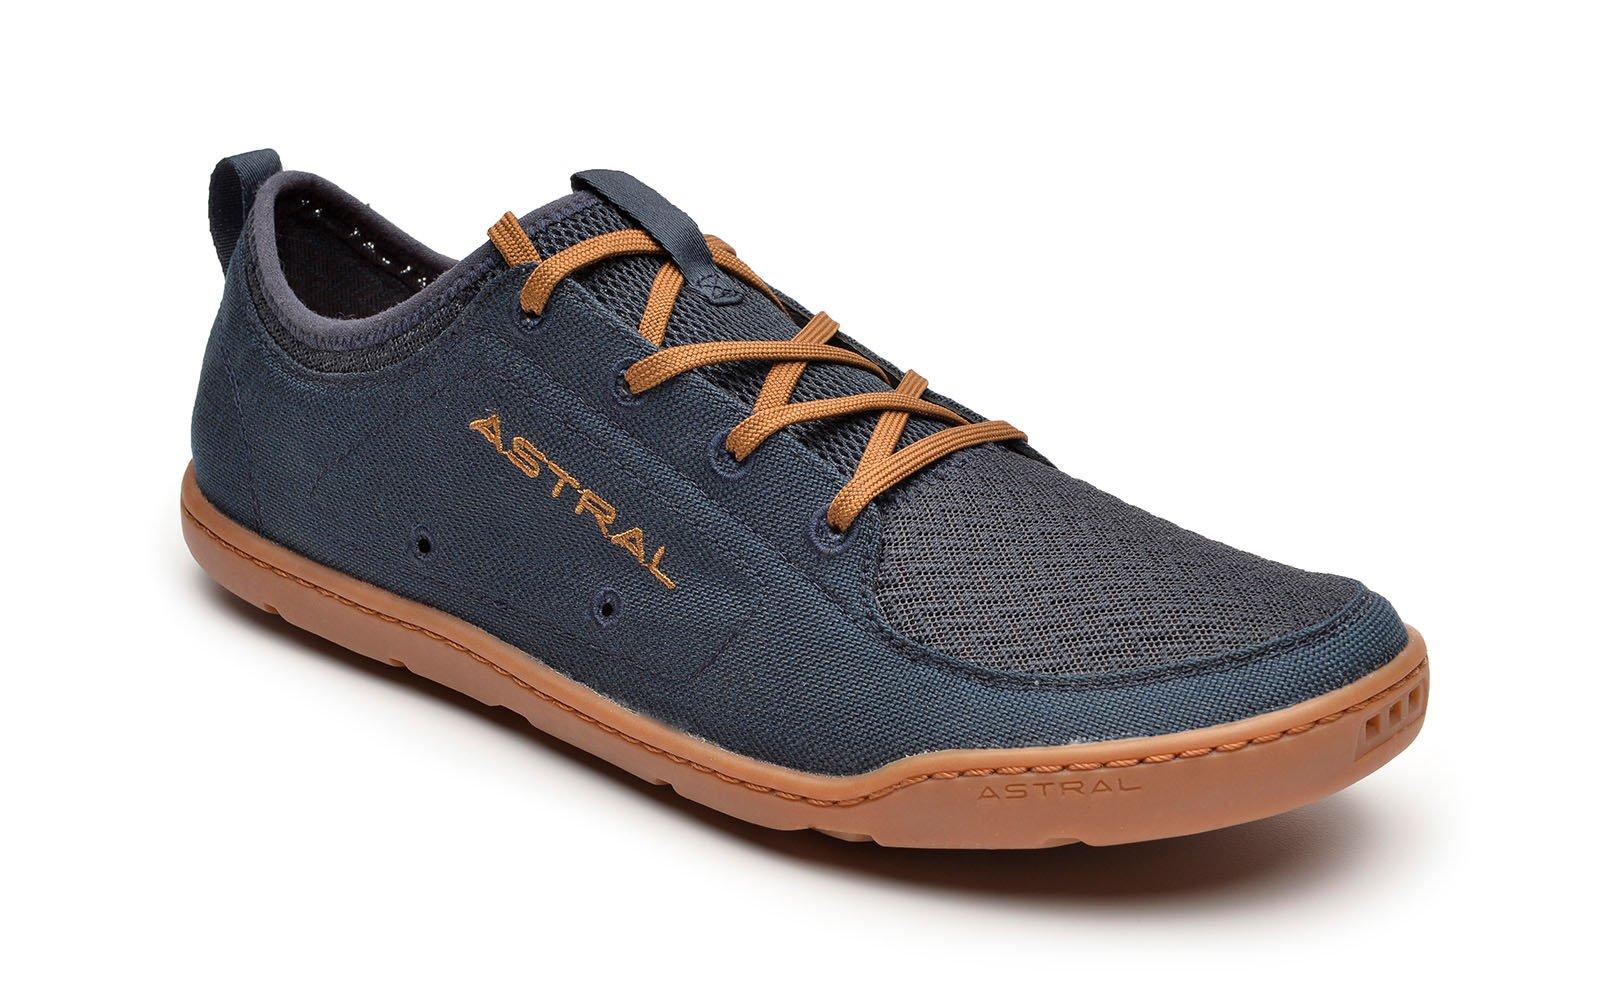 Astral Mens Loyak Water Shoe